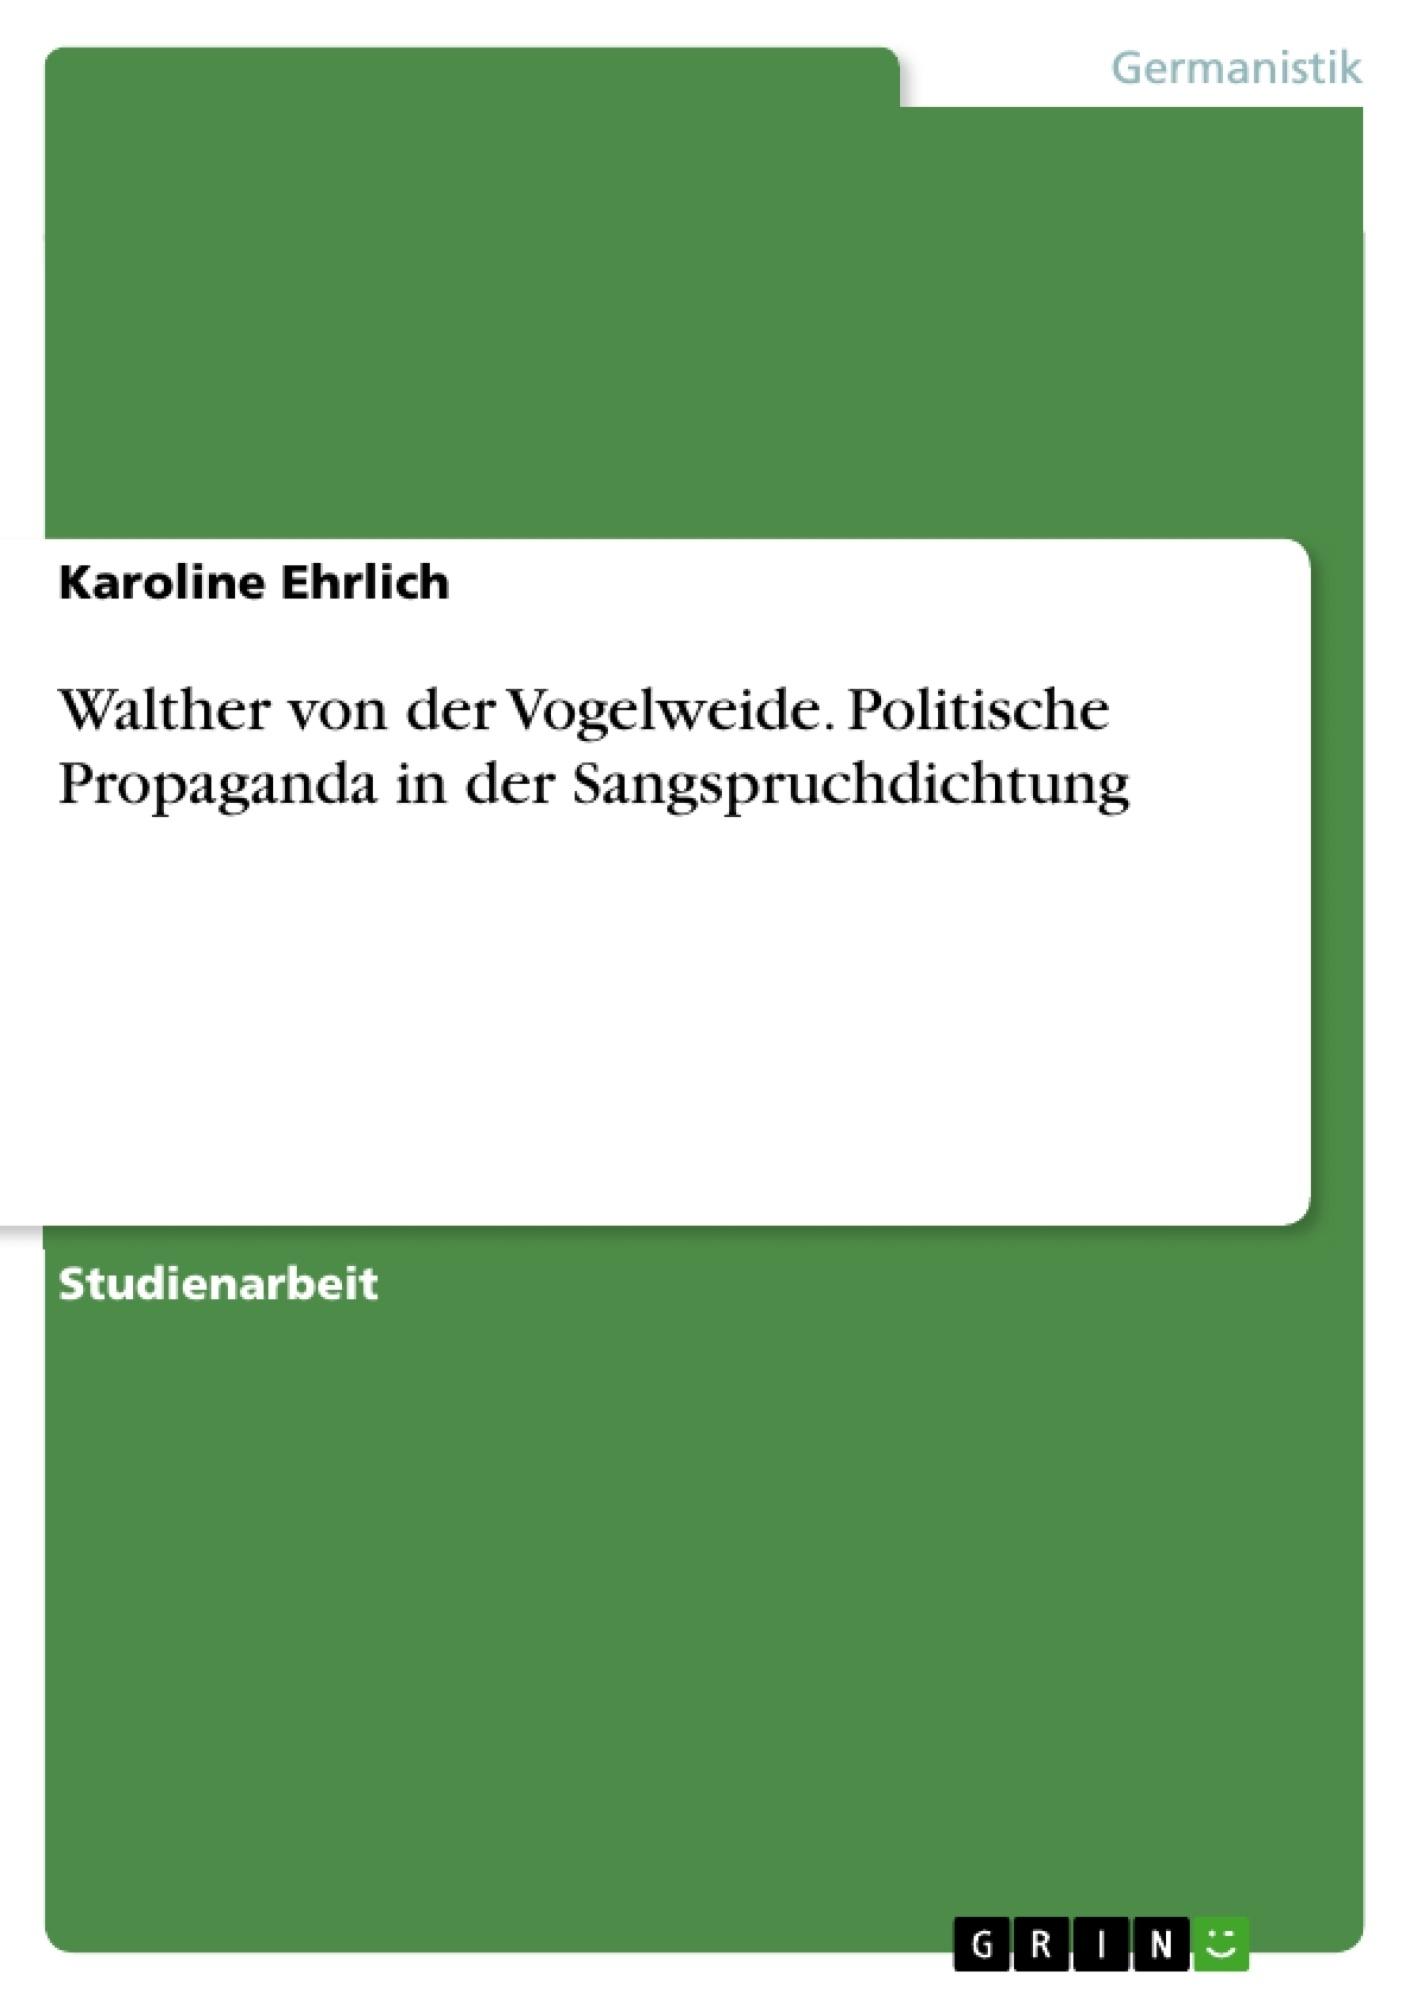 Titel: Walther von der Vogelweide. Politische Propaganda in der Sangspruchdichtung